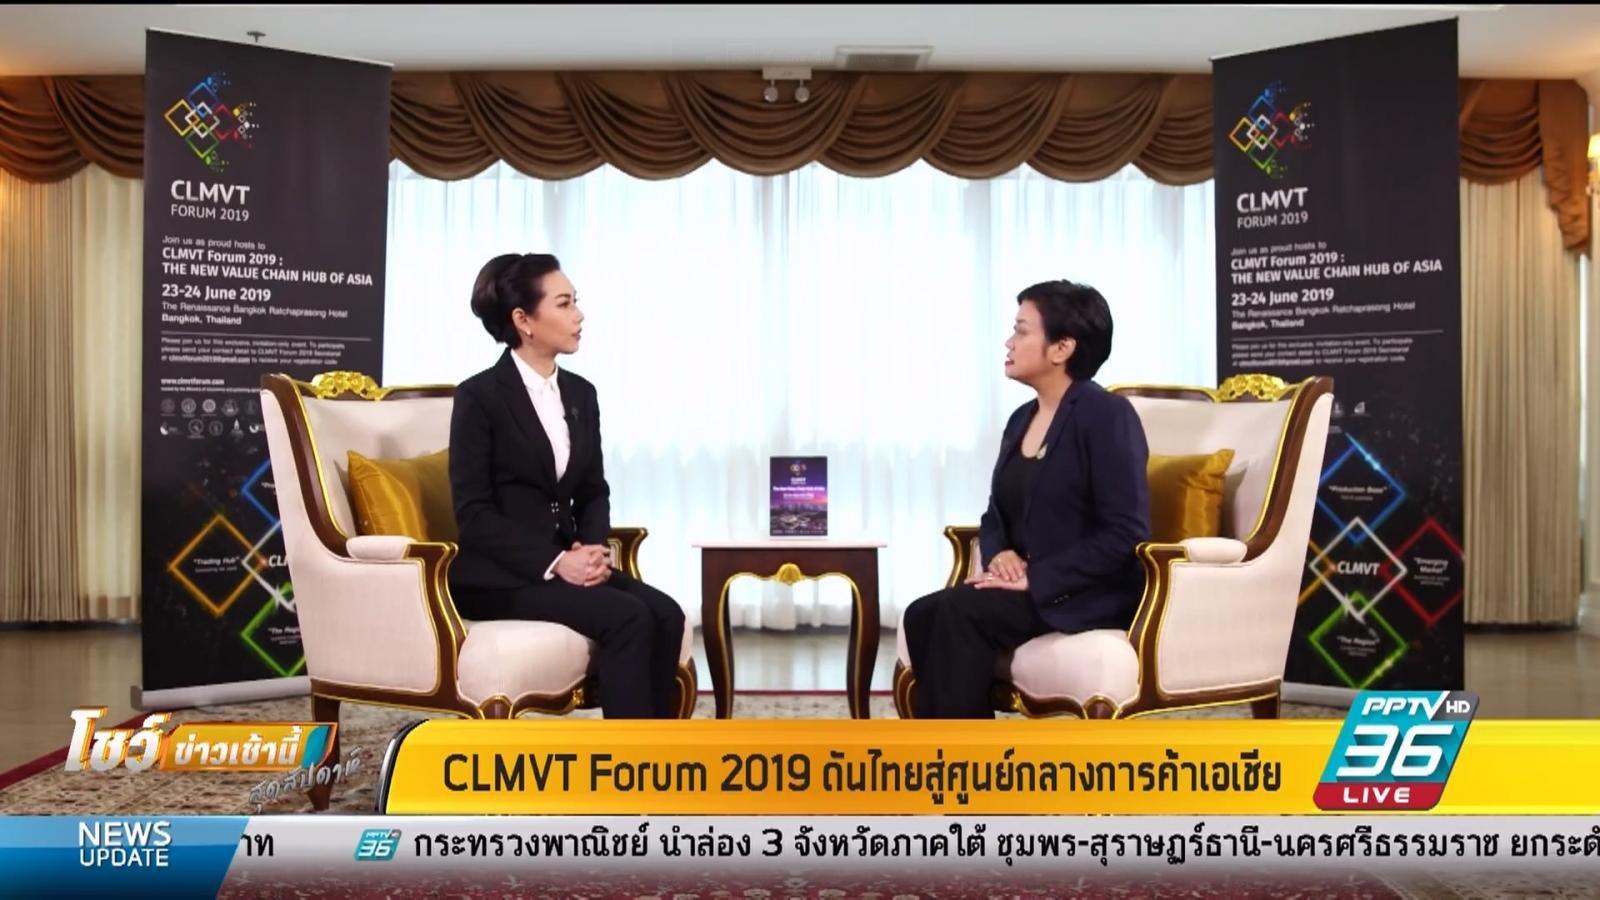 """สัมภาษ์พิเศษ งาน """"CLMVT Forum 2019 ดันไทยสู่การค้าเอเชีย"""""""